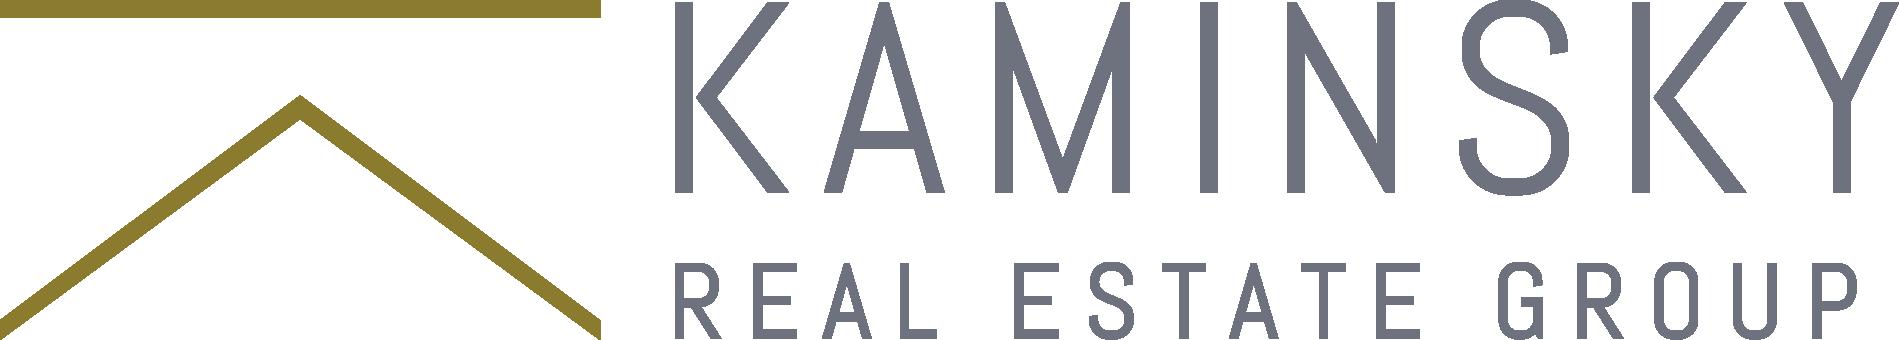 Kaminsky_logo